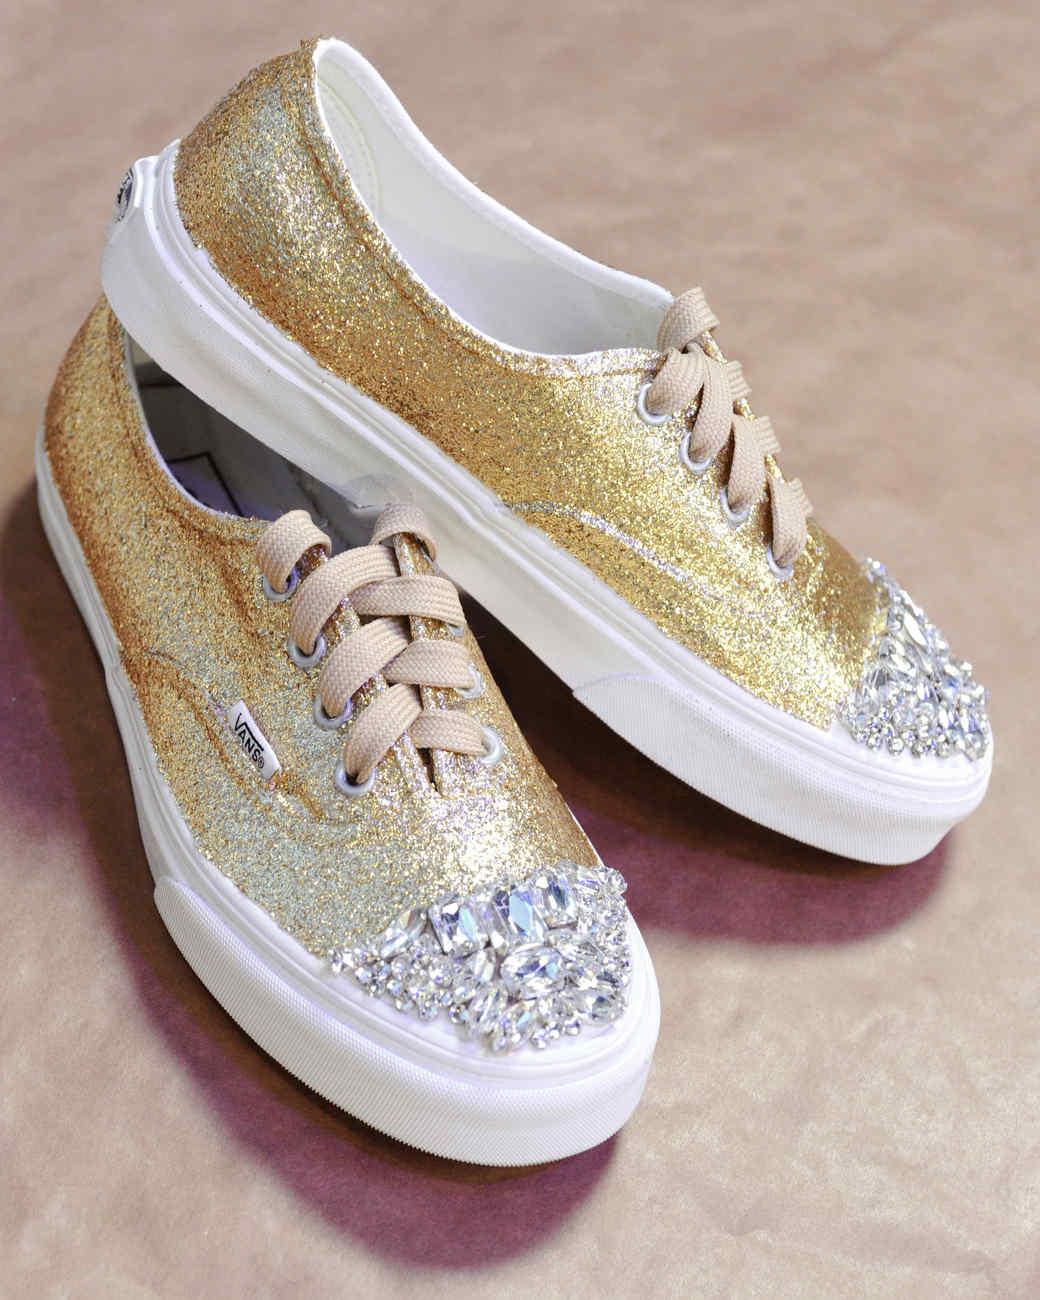 glittered sneakers martha stewart